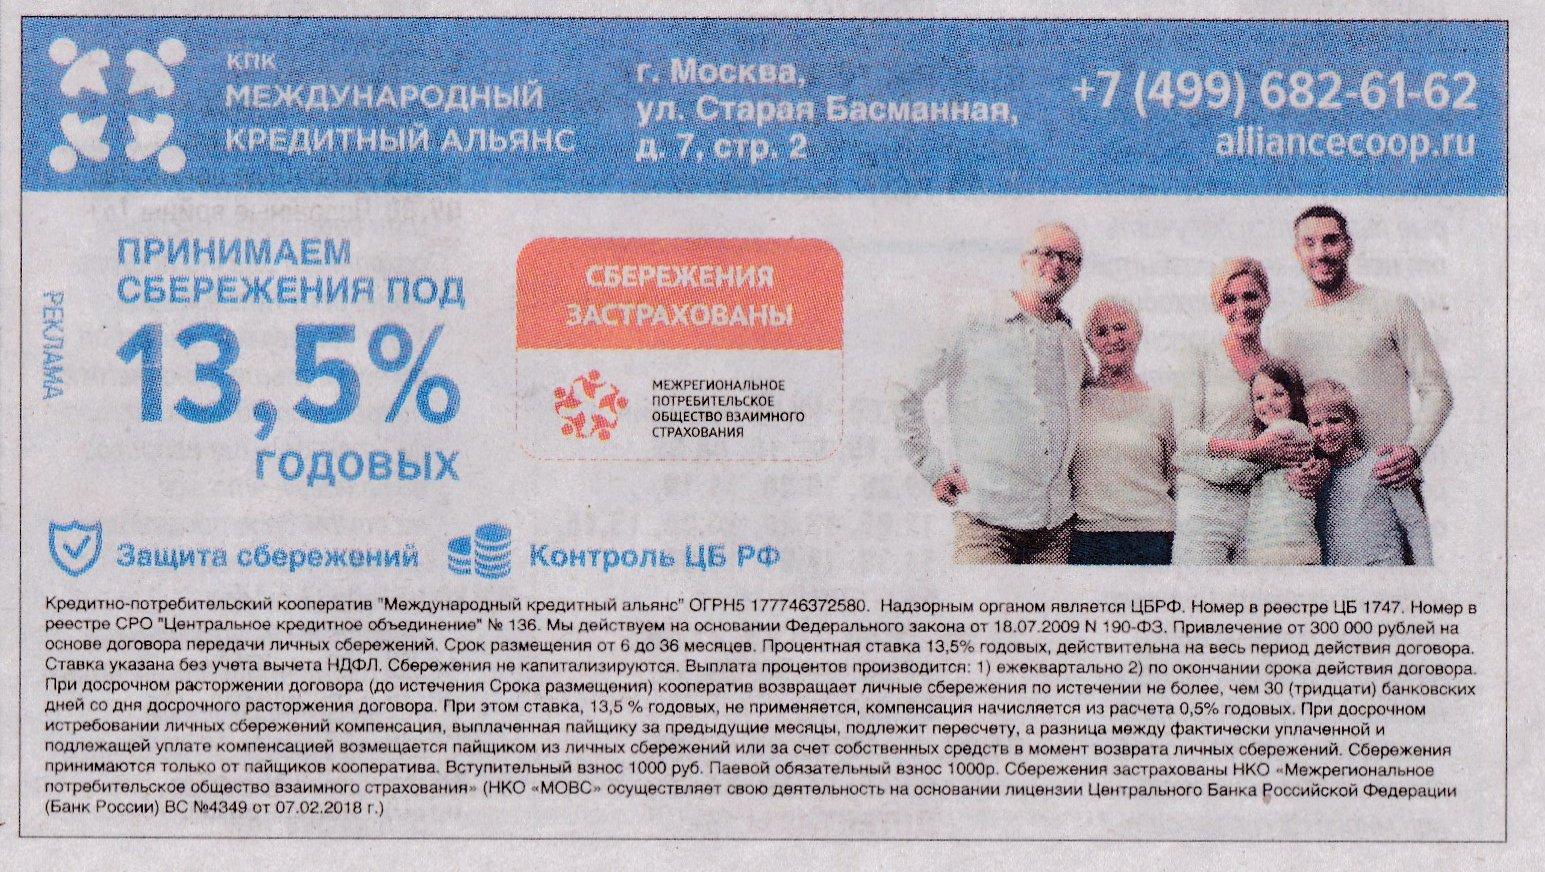 «Вечерняя Москва»: обзор рекламы в номере газеты от 15-22 ноября 2018 года